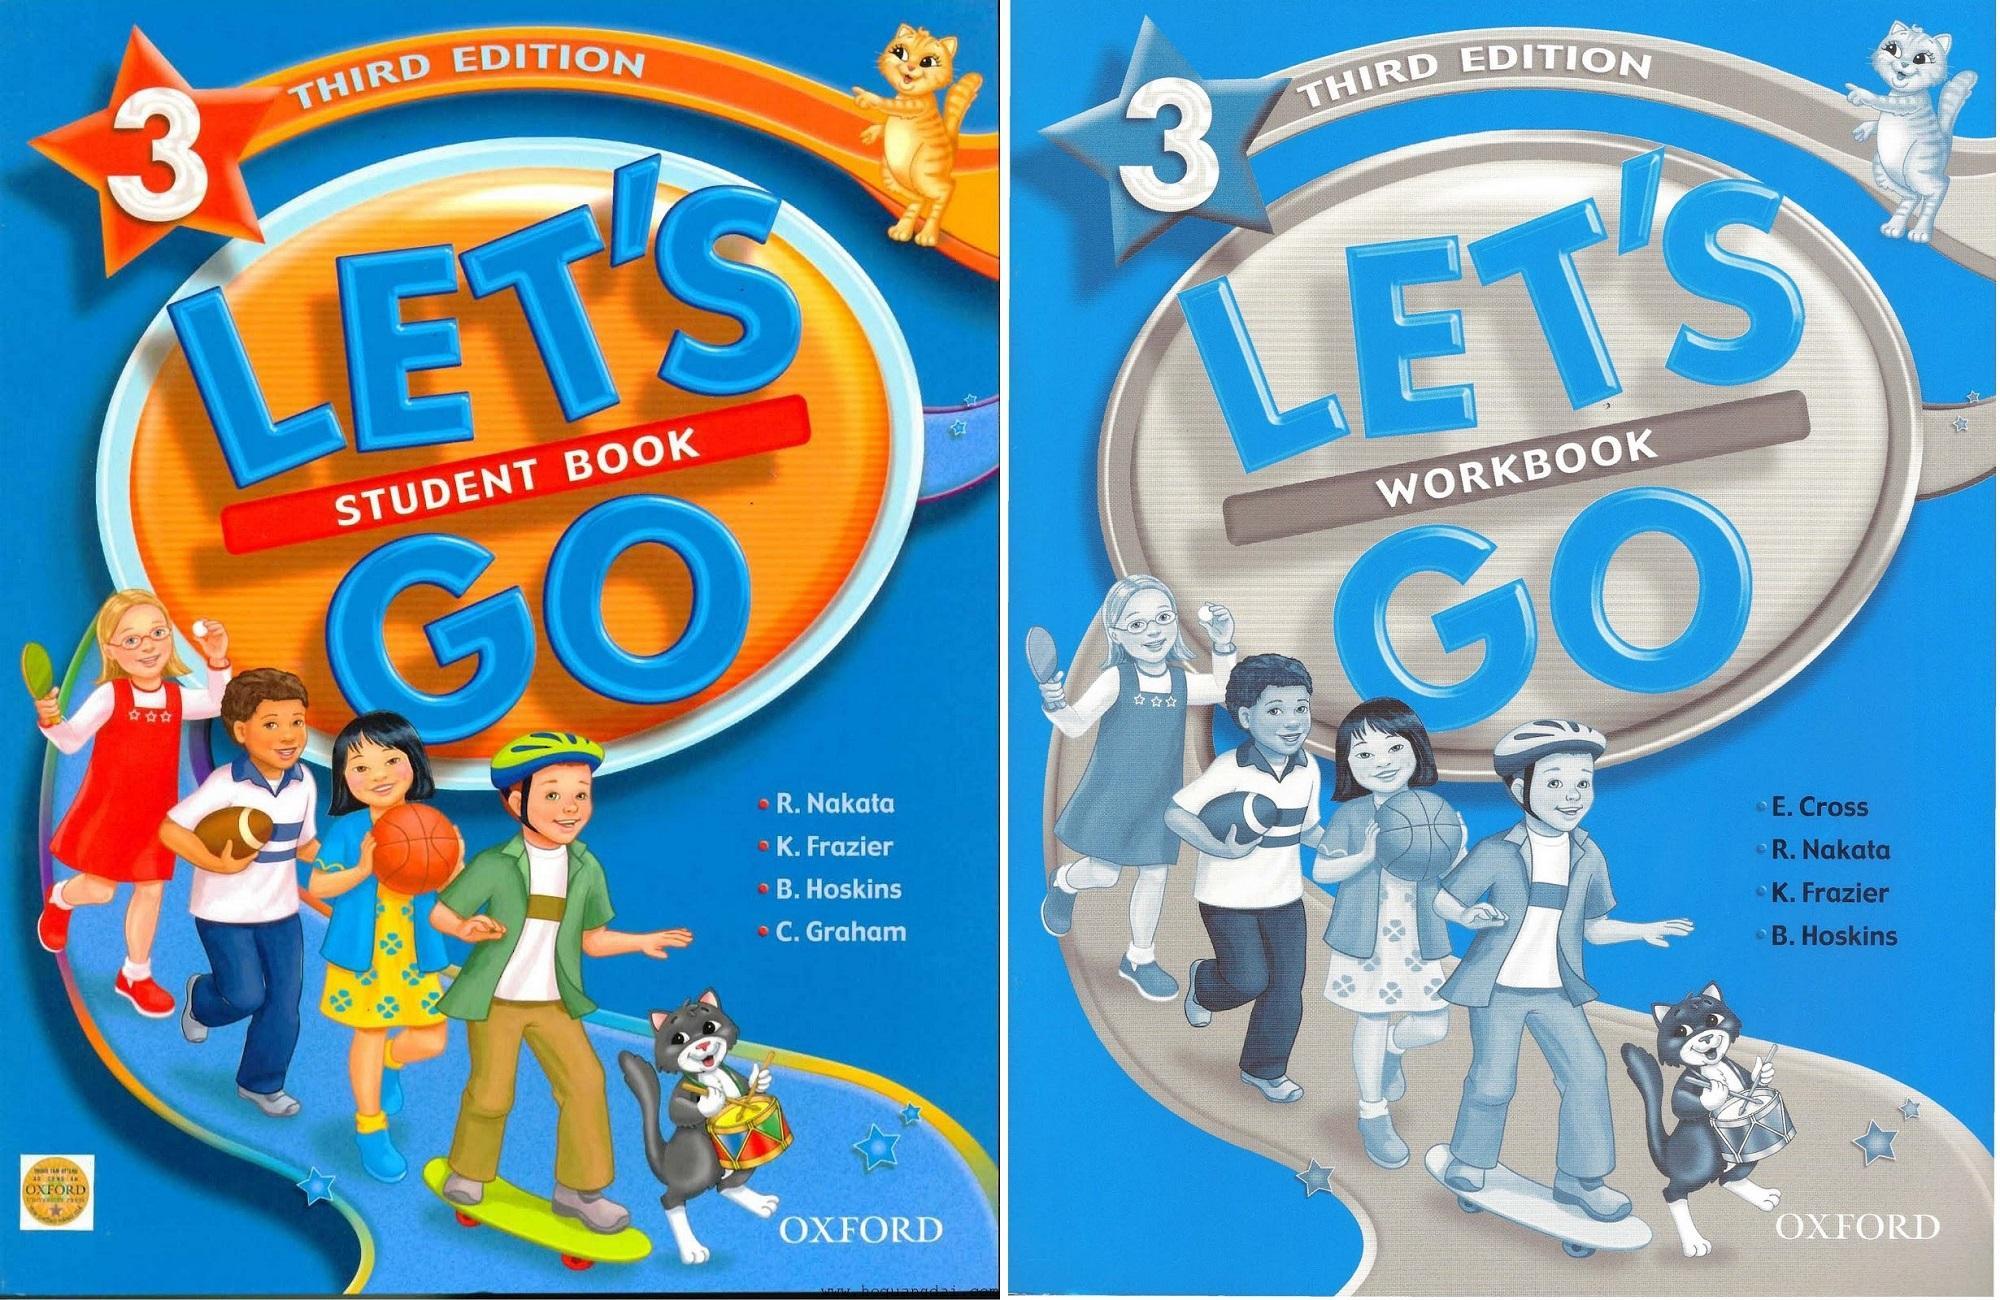 Mua Bộ sách tiếng Anh cho trẻ Let's Go 3 phiên bản third edition (Trọn bộ 2 cuốn)